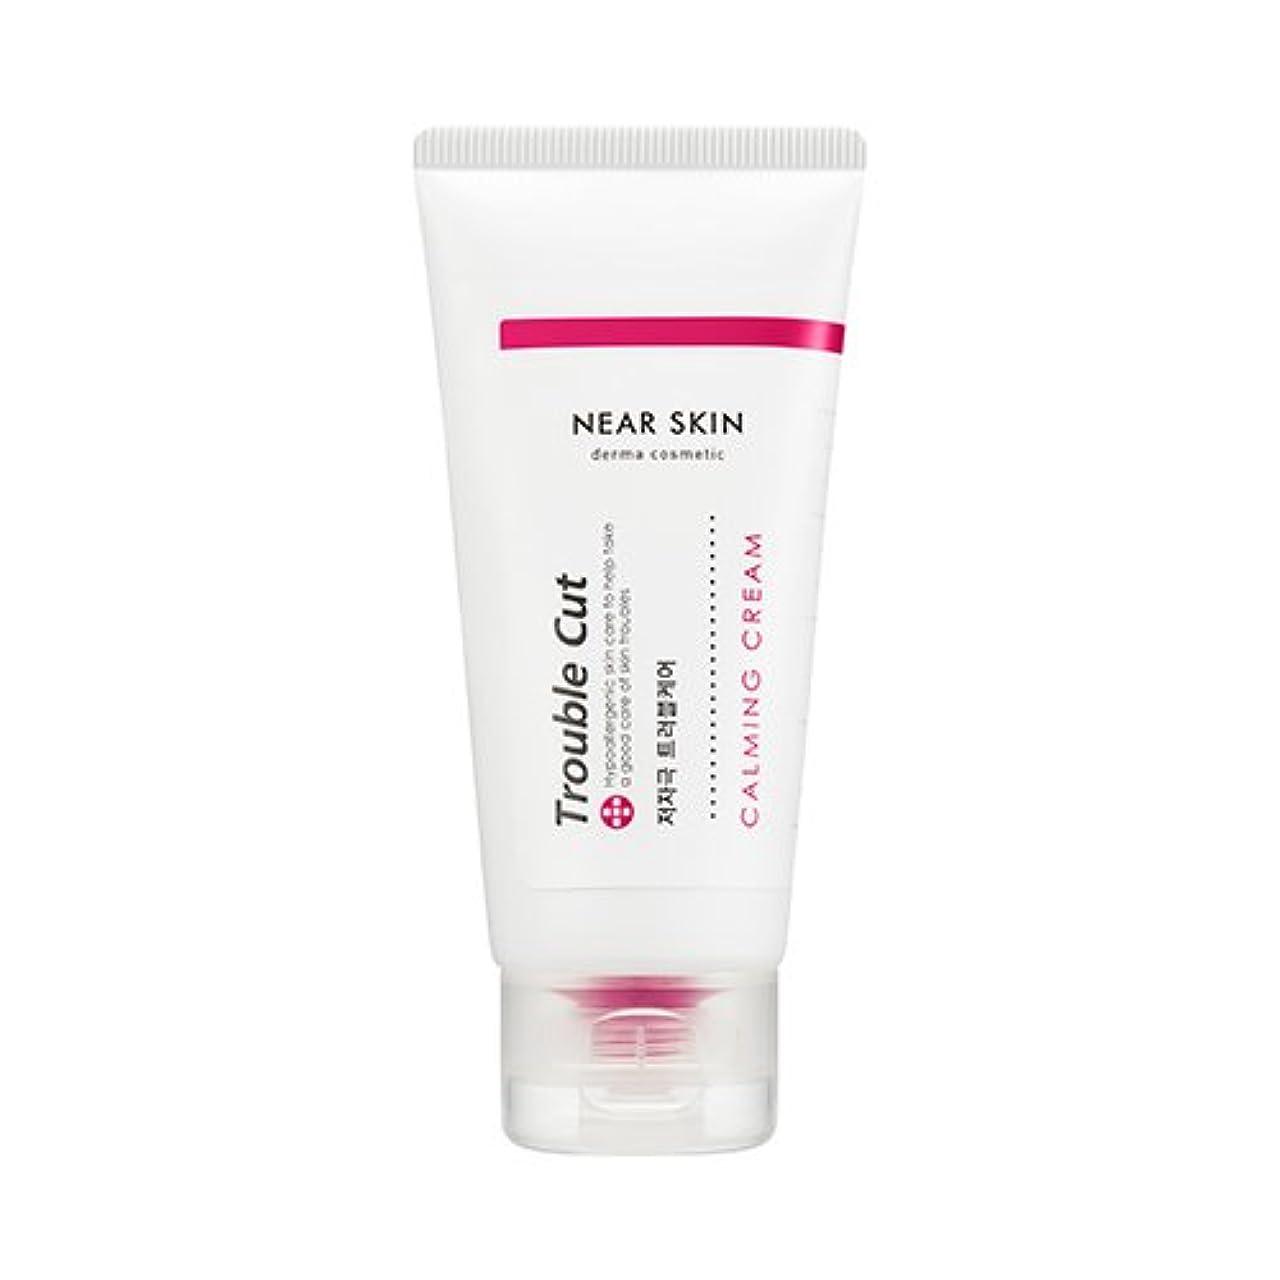 踊り子法律現象MISSHA [Near Skin] Trouble Cut Calming Cream 20ml / ミシャ ニアスキン トラブルカットカミングクリーム [並行輸入品]